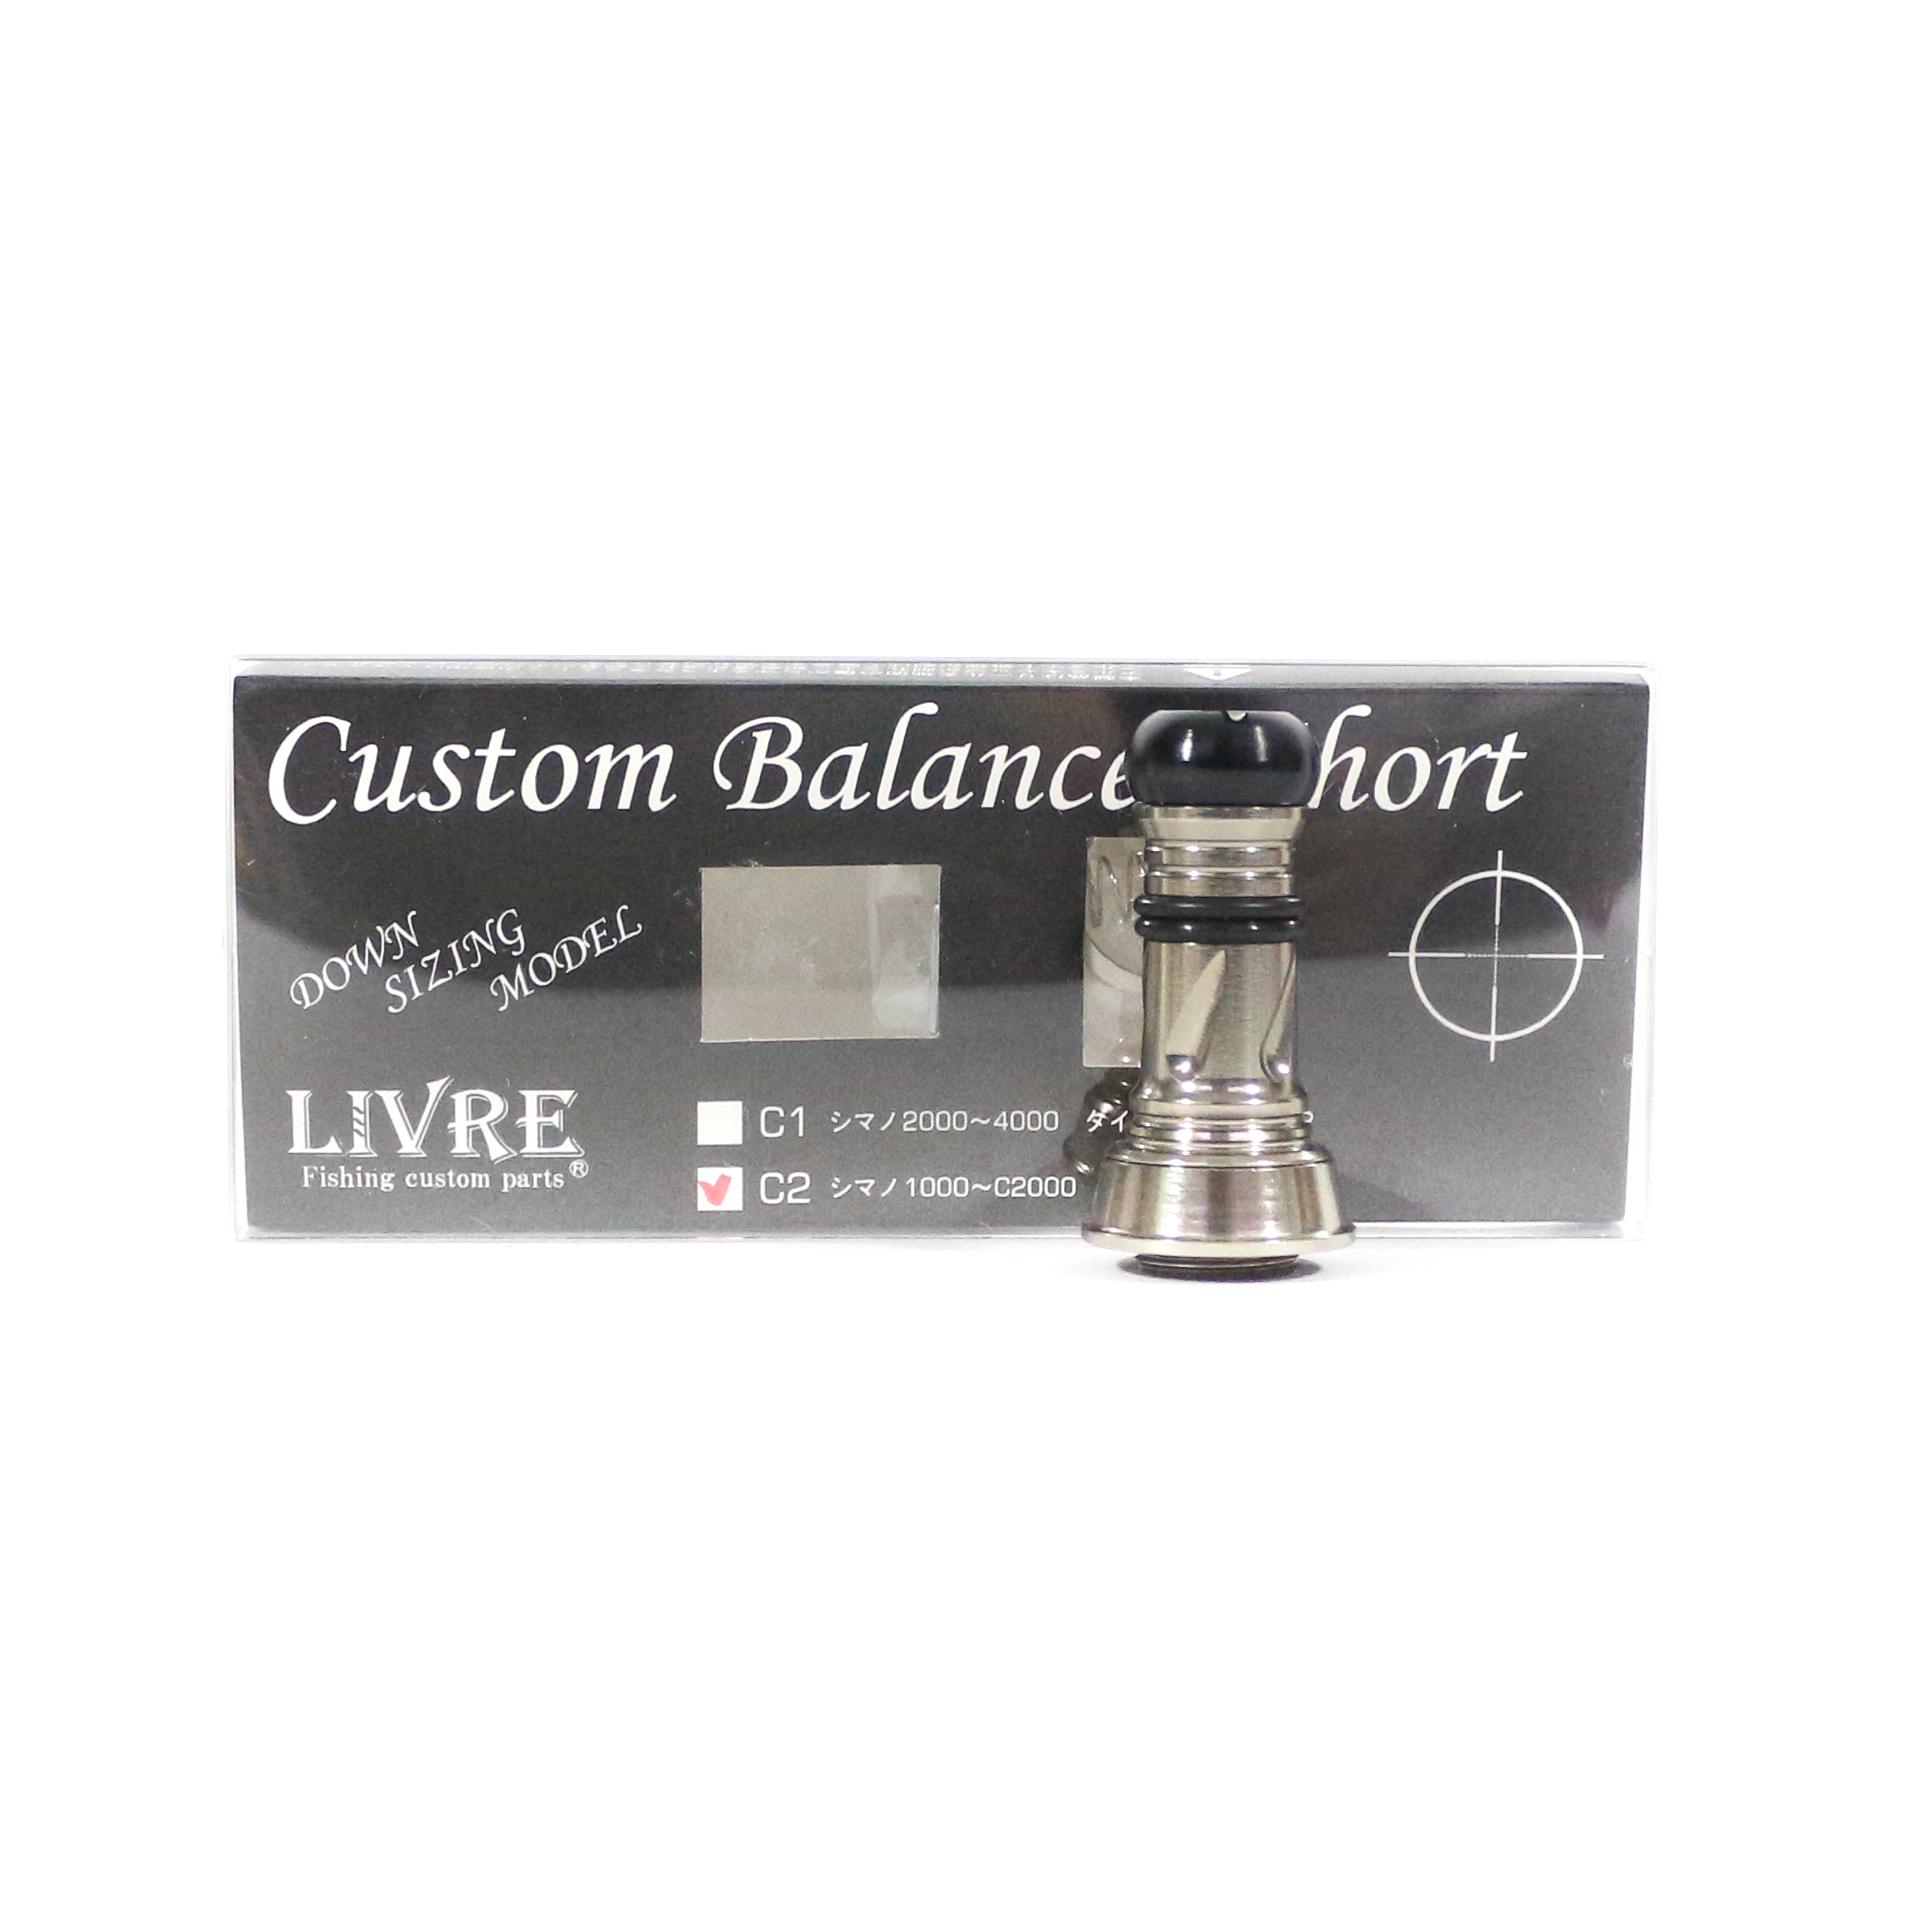 Livre CBS-CA2-TIT Custom Balancer Short 1000-C2000 C2 (titanium Gtitanium G)